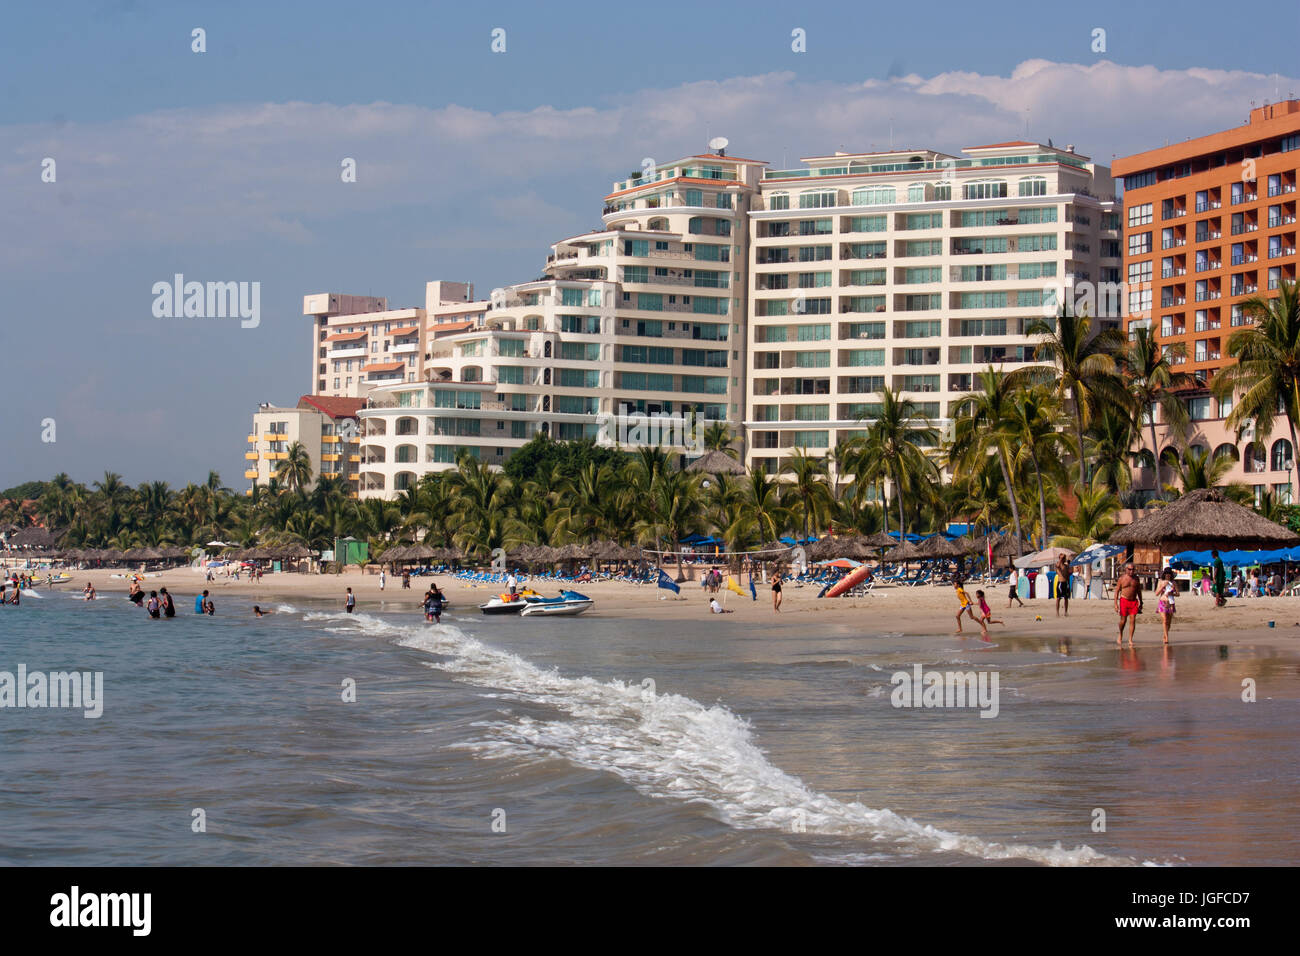 Hotels in Ixtapa/Zihuatanejo Bay Stockbild